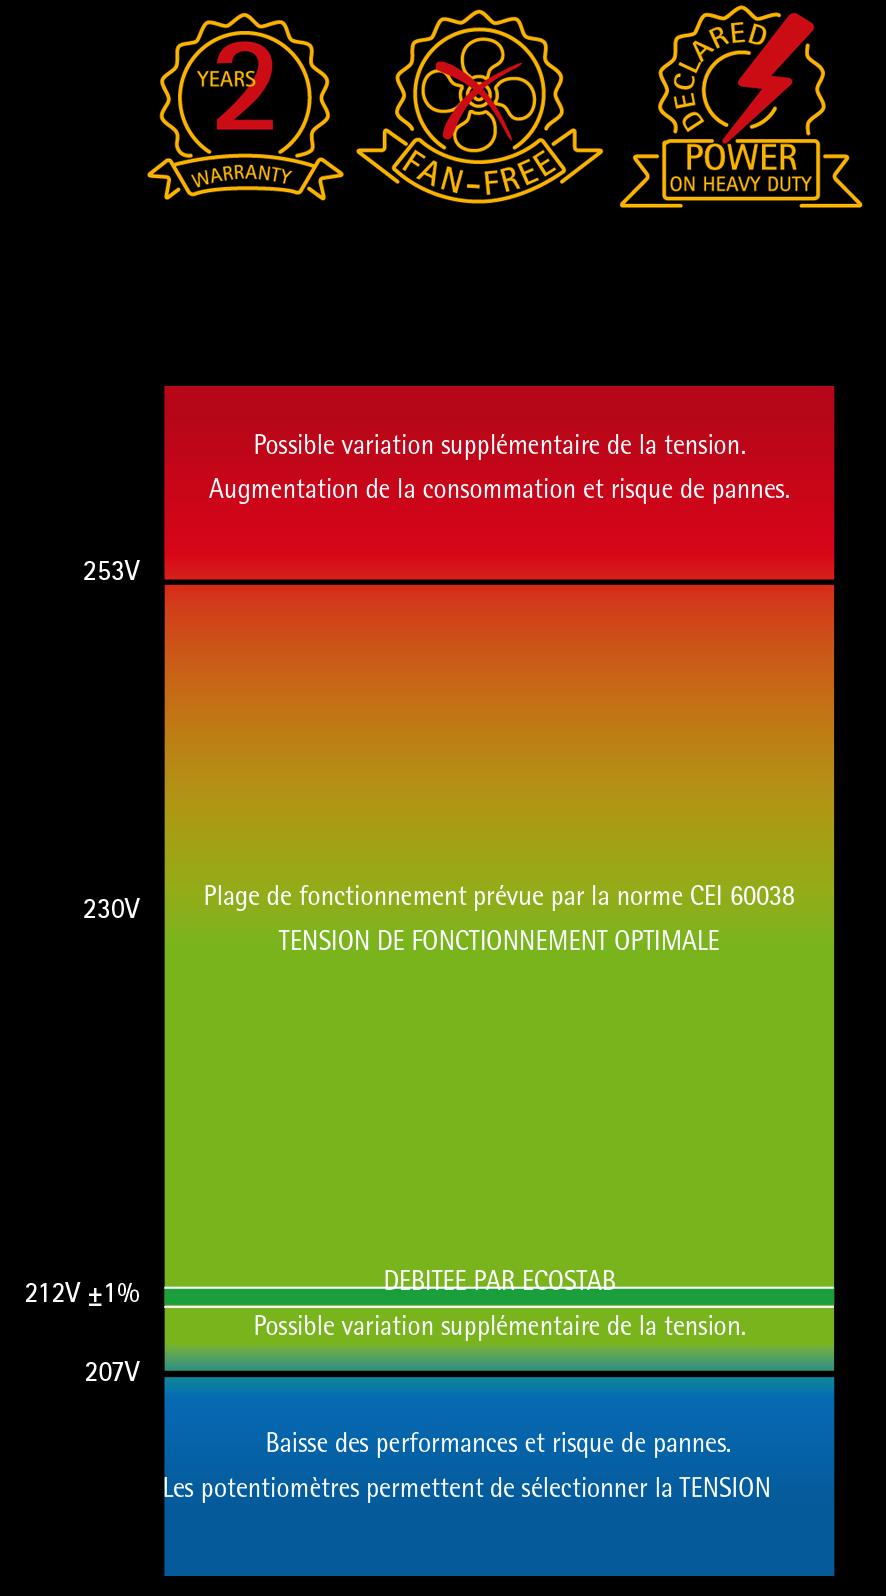 Economiseurs d'energie IREM ecostab